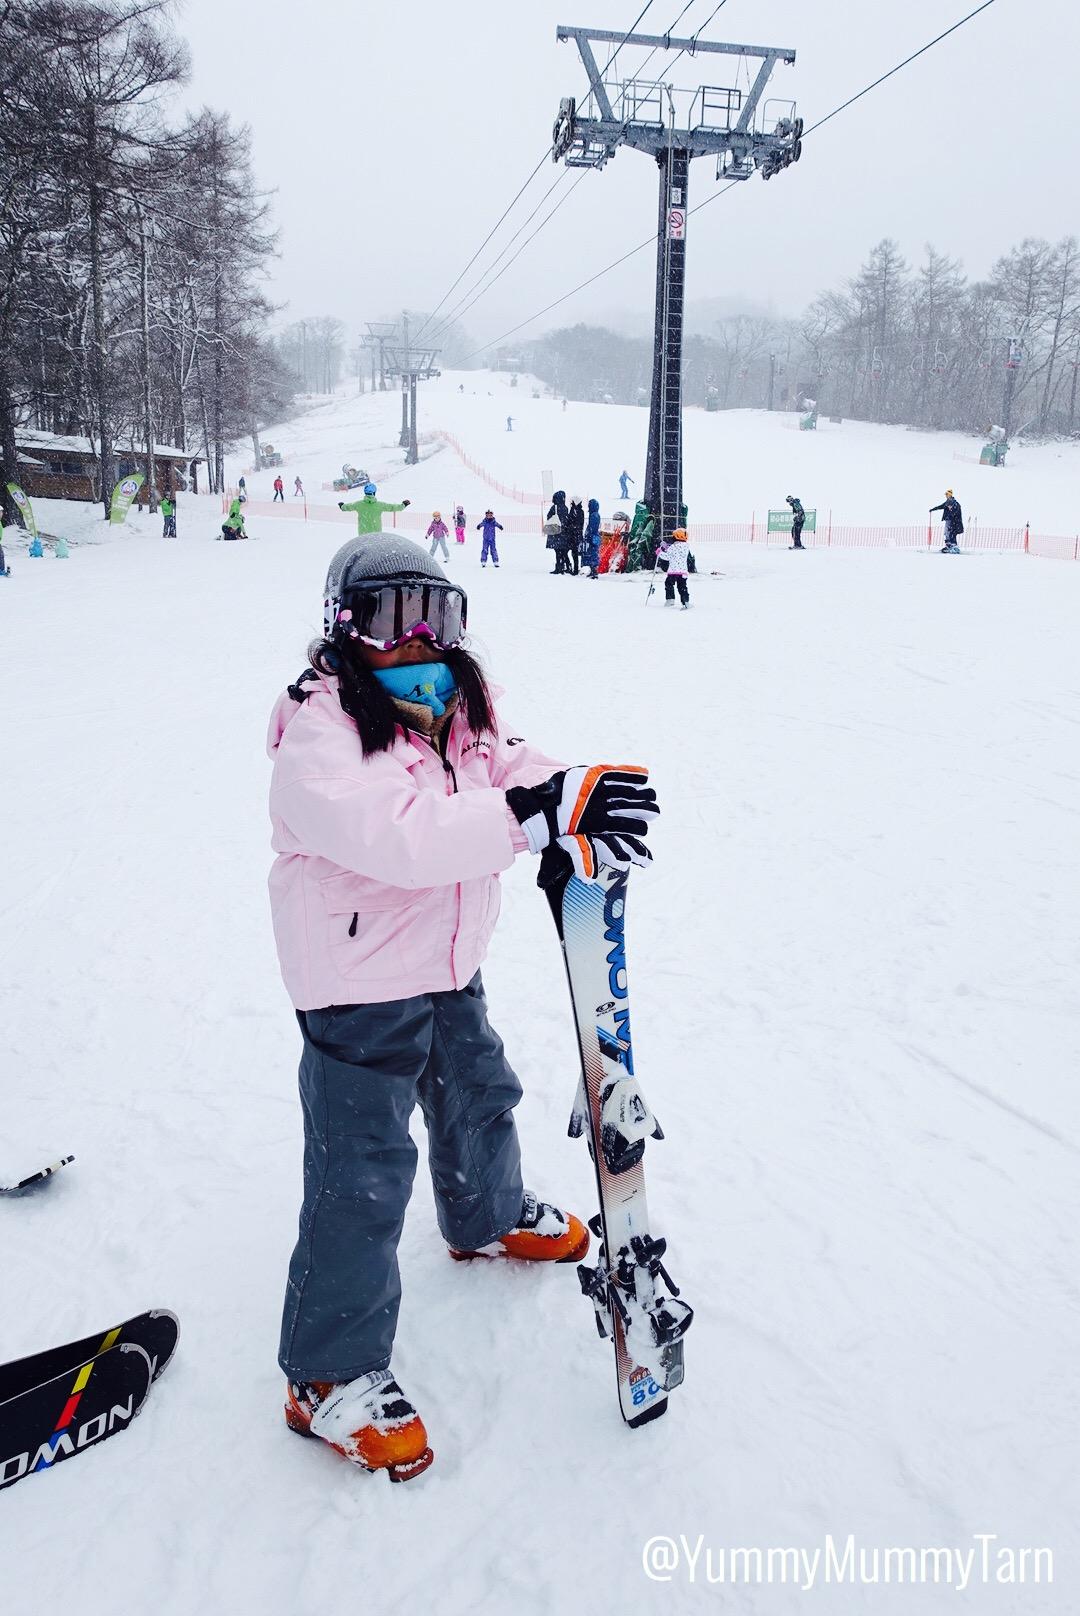 ญี่ปุ่น.. ไปแล้วไปอีก ep.10' – เล่นสกีที่ karuizawa & shopping ที่